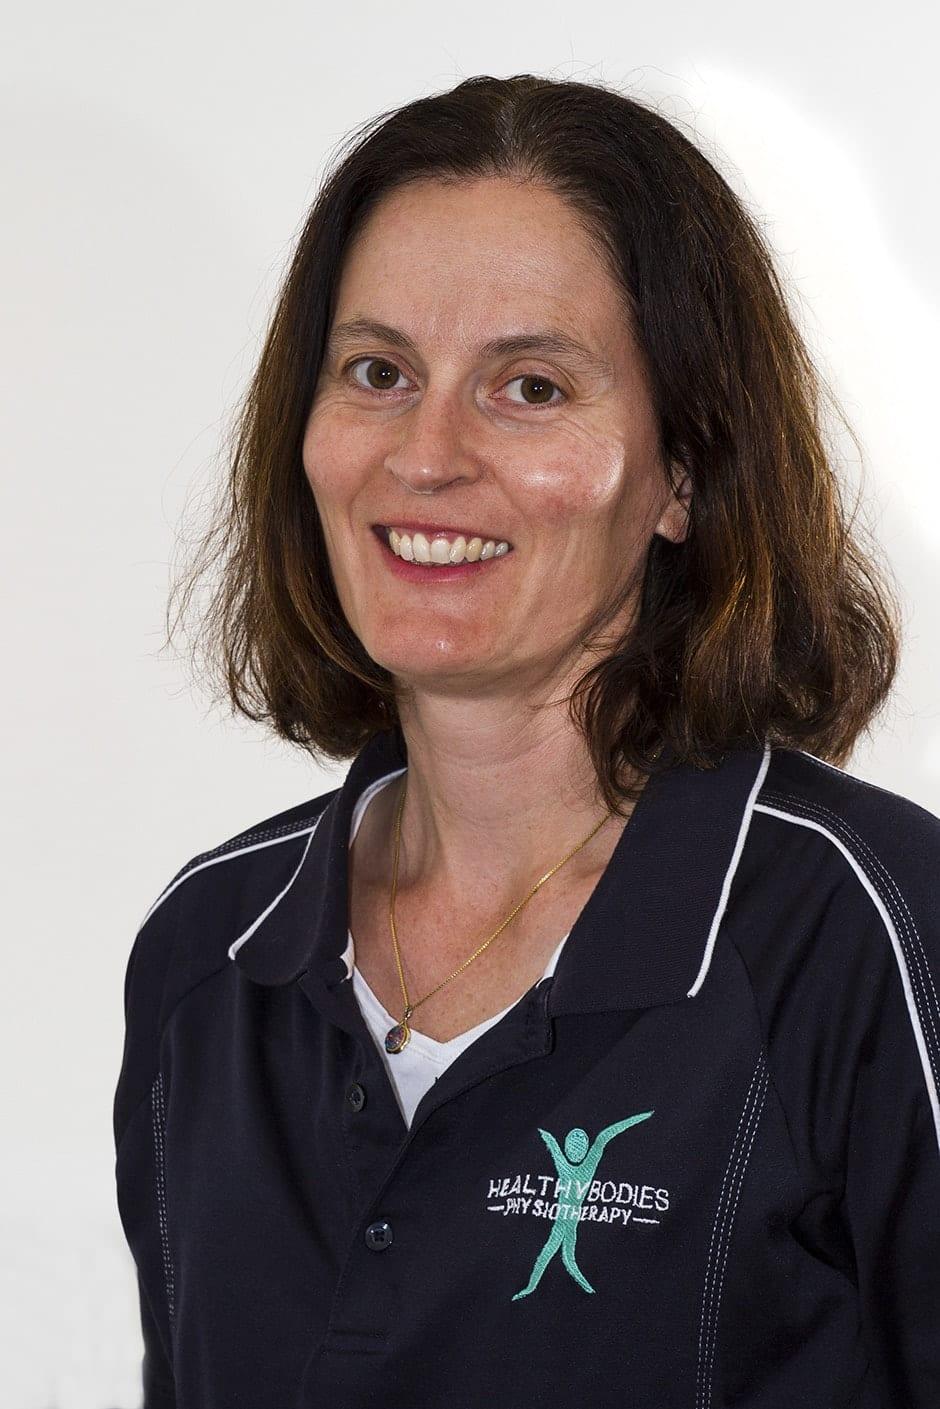 Jill Campbell